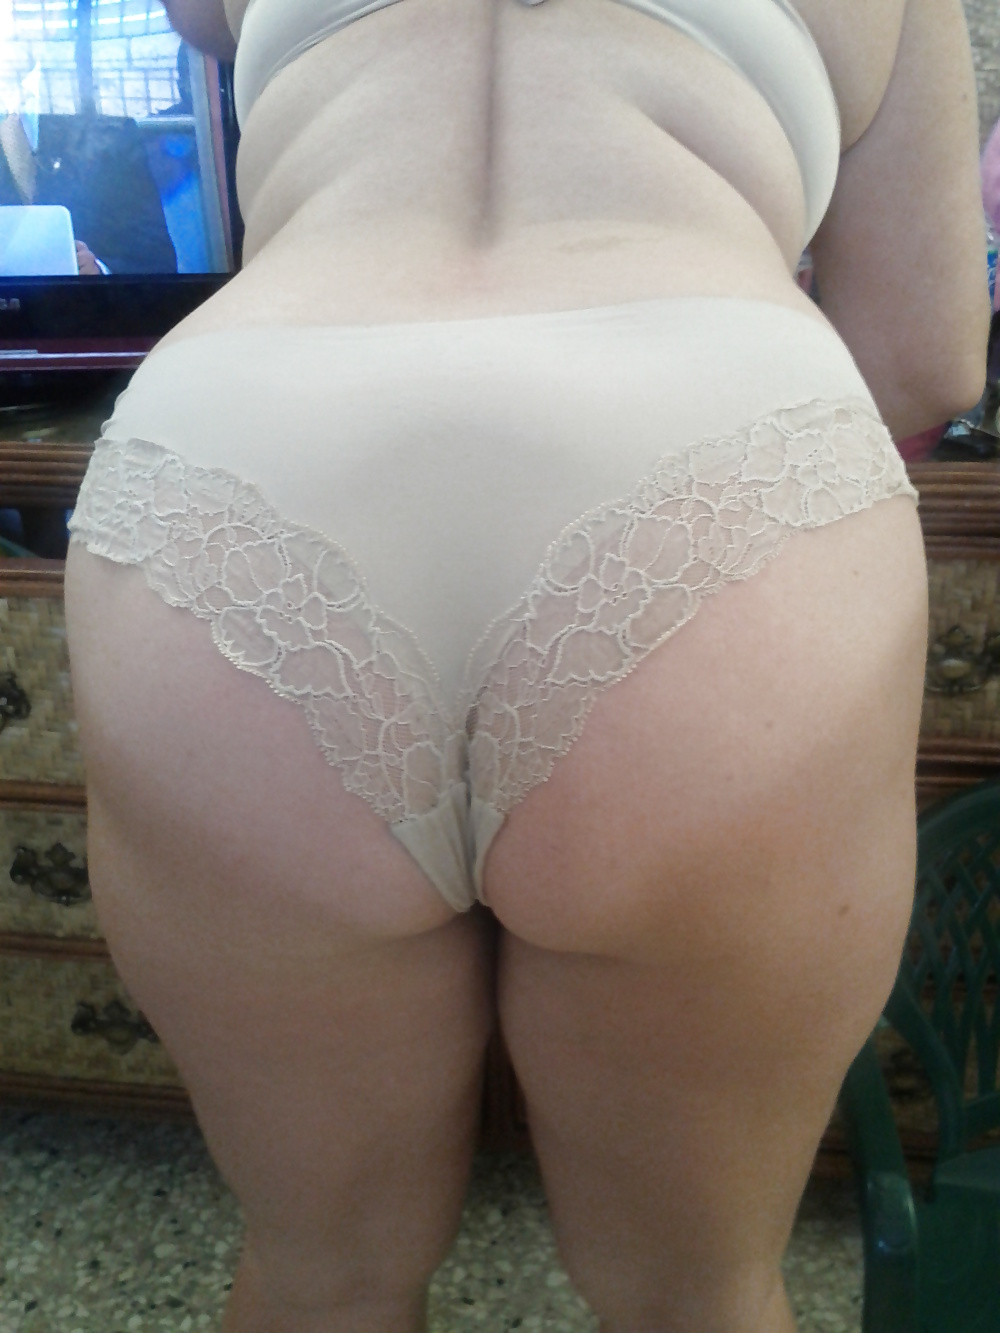 A Mi Esposa Por El Culo see and save as por el culo a mi esposa porn pict - 4crot